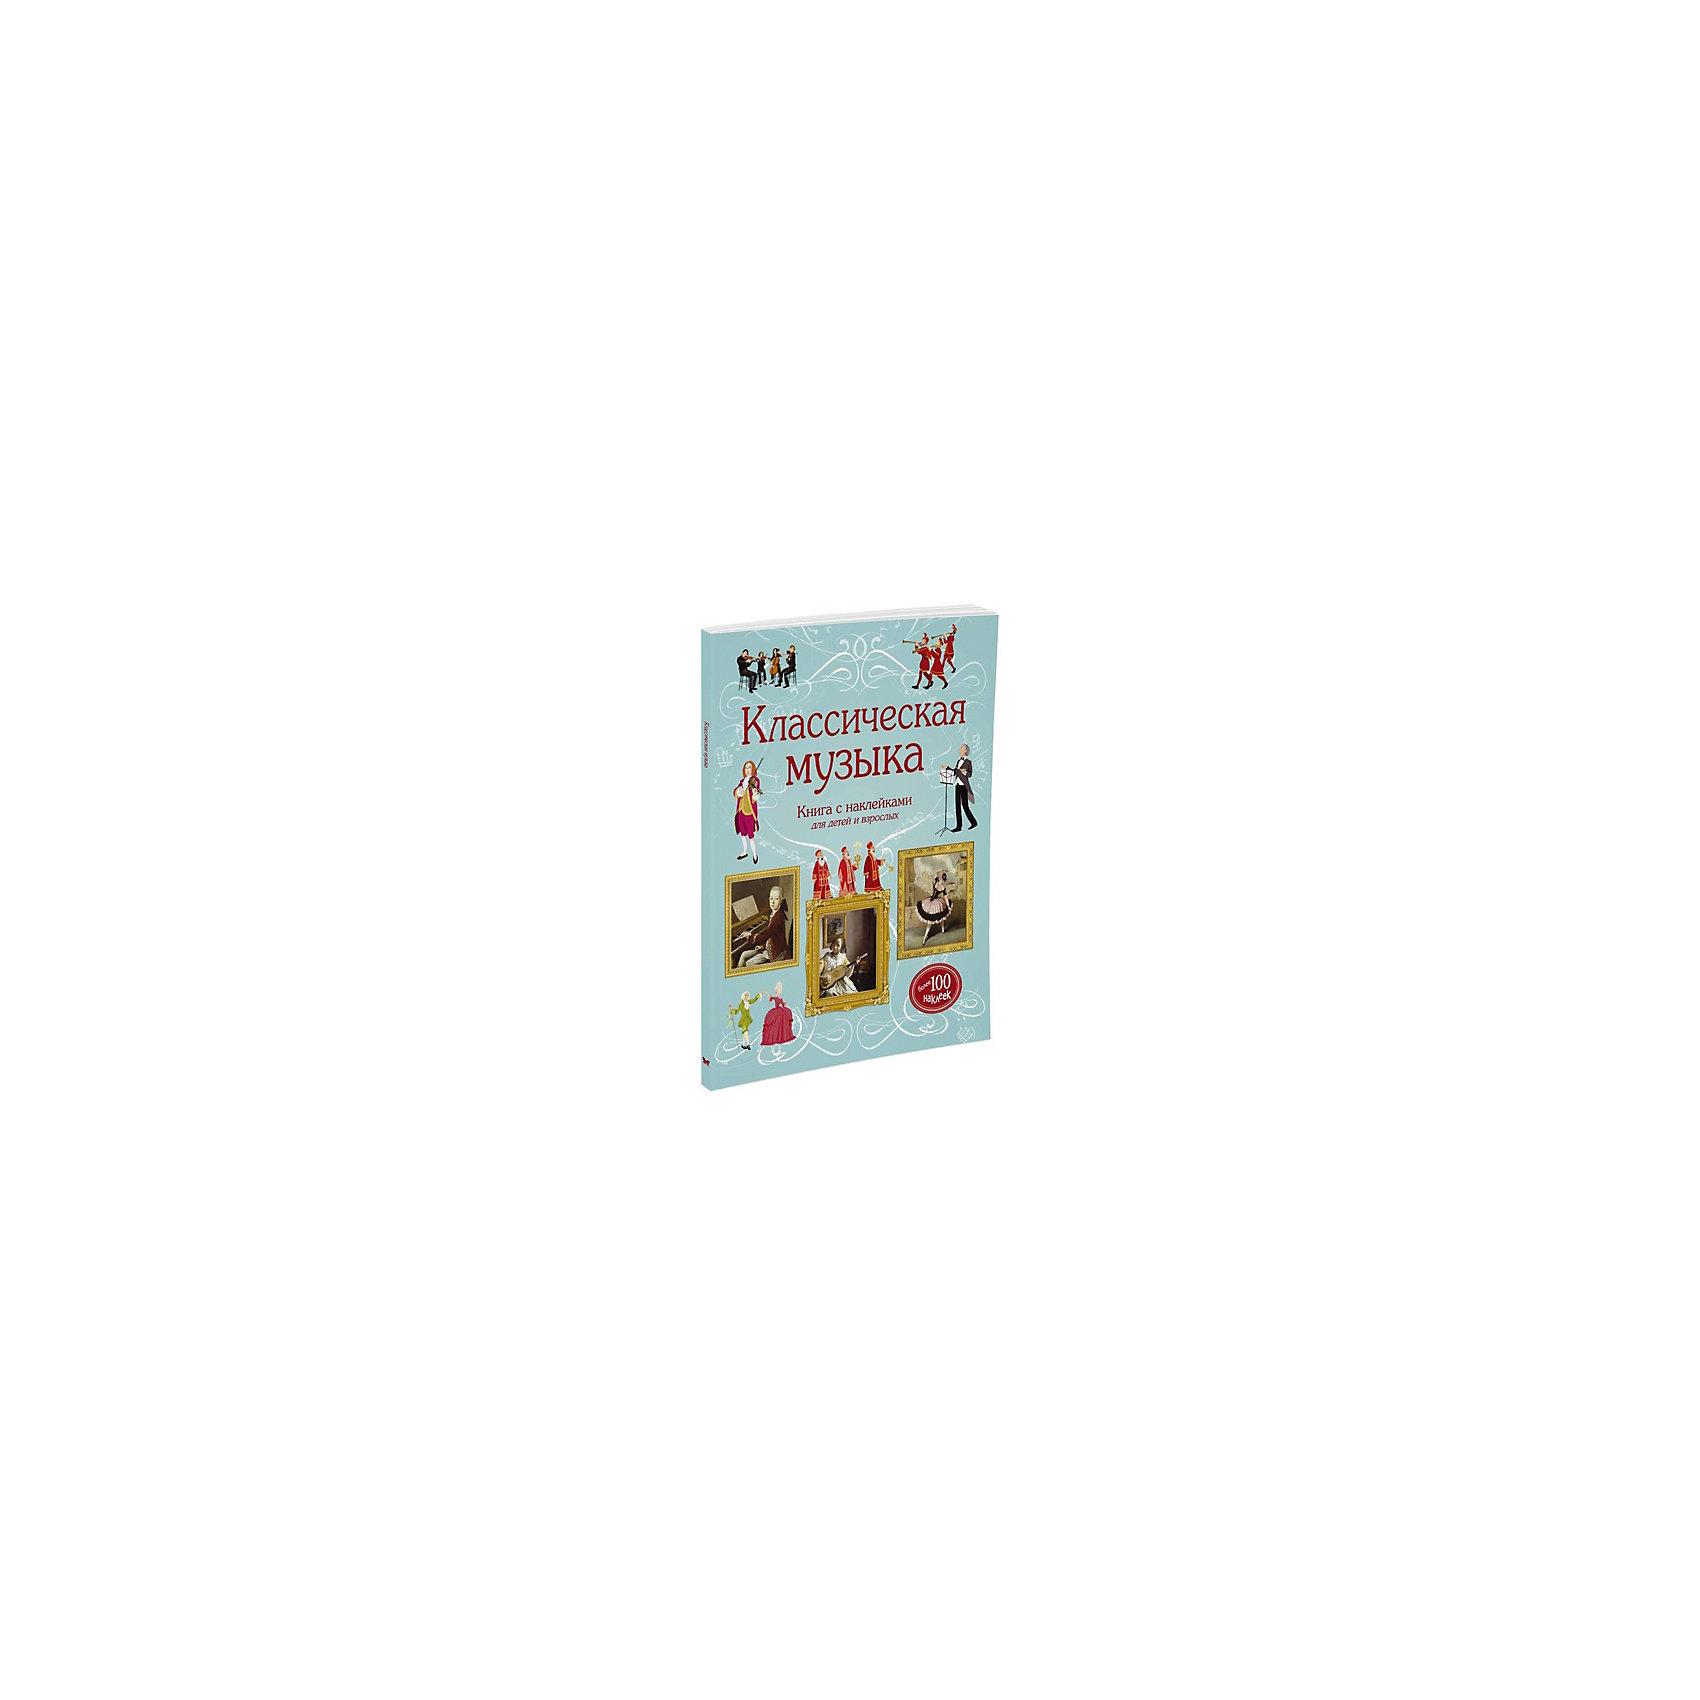 Классическая музыка, MACHAONКнижки с наклейками<br>Книга Классическая музыка.<br><br>Характеристики:<br><br>• Для детей в возрасте: от 11 до 14 лет<br>• Автор: Маркс Энтони<br>• Автор иллюстраций: Берштейн Галия<br>• Переводчик: Егорова Екатерина<br>• Издательство: Махаон, 2017 год<br>• Серия: Супернаклейки-арт<br>• Тип обложки: мягкая<br>• Оформление: с наклейками (более 100 наклеек)<br>• Иллюстрации: цветные<br>• Количество страниц: 32<br>• Размер: 305x238x4 мм.<br>• Вес: 321 гр.<br>• ISBN: 9785389122741<br><br>Эта книга расскажет о классической музыке с древнейших времен по сегодняшний день, познакомит с великими композиторами и их самыми известными произведениями. В книге много прекрасных иллюстраций, которые помогут погрузиться в волшебный мир музыки. Читаем, наклеиваем, слушаем и запоминаем!<br><br>КнигуКлассическая музыка можно купить в нашем интернет-магазине.<br><br>Ширина мм: 305<br>Глубина мм: 238<br>Высота мм: 40<br>Вес г: 321<br>Возраст от месяцев: 132<br>Возраст до месяцев: 168<br>Пол: Унисекс<br>Возраст: Детский<br>SKU: 5493479